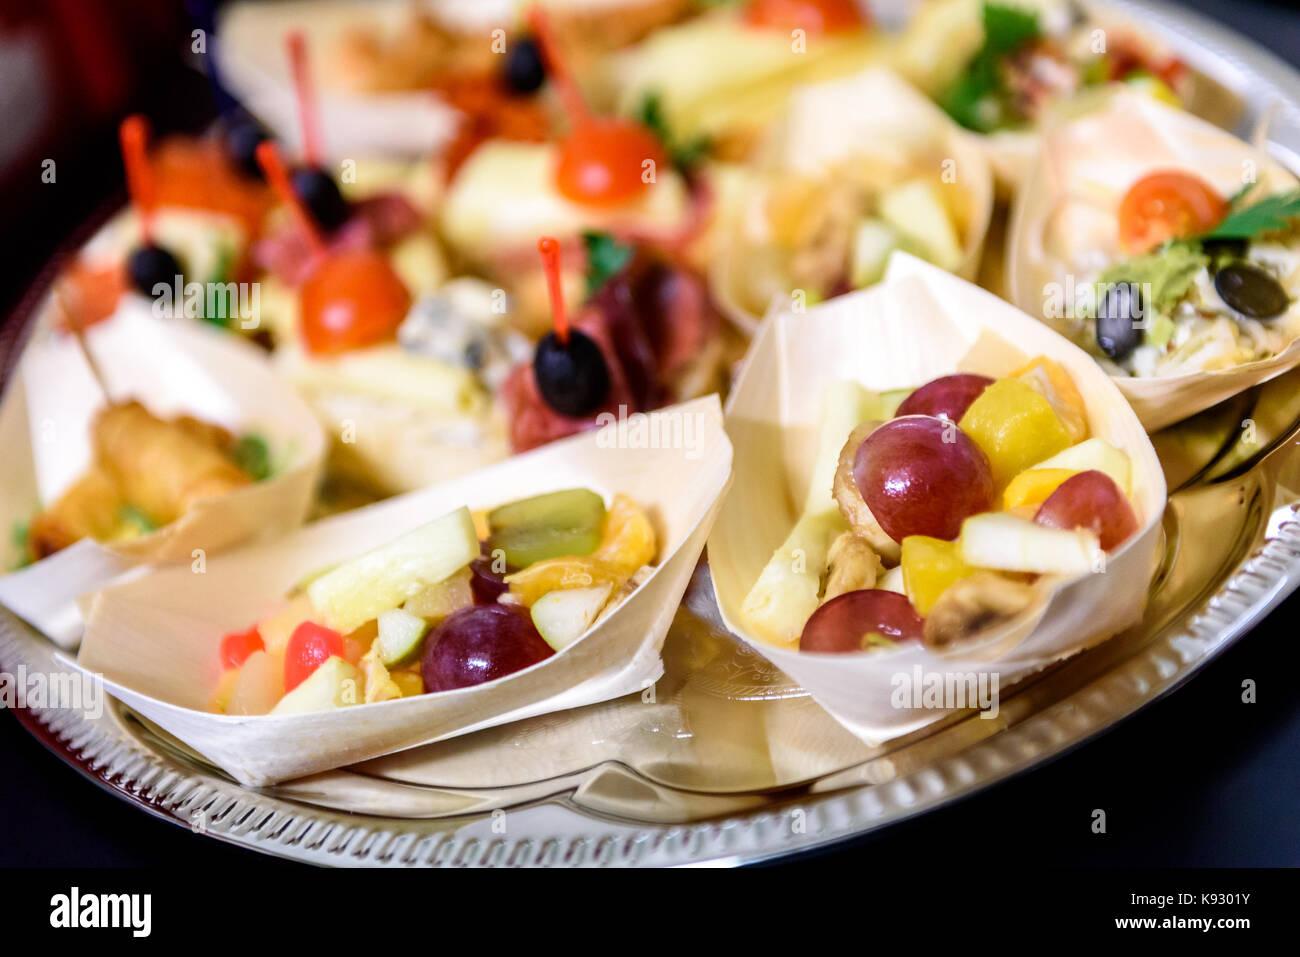 Canapés faits maison petits sandwiches apéritifs. mélange de différents snacks snacks pour une Photo Stock